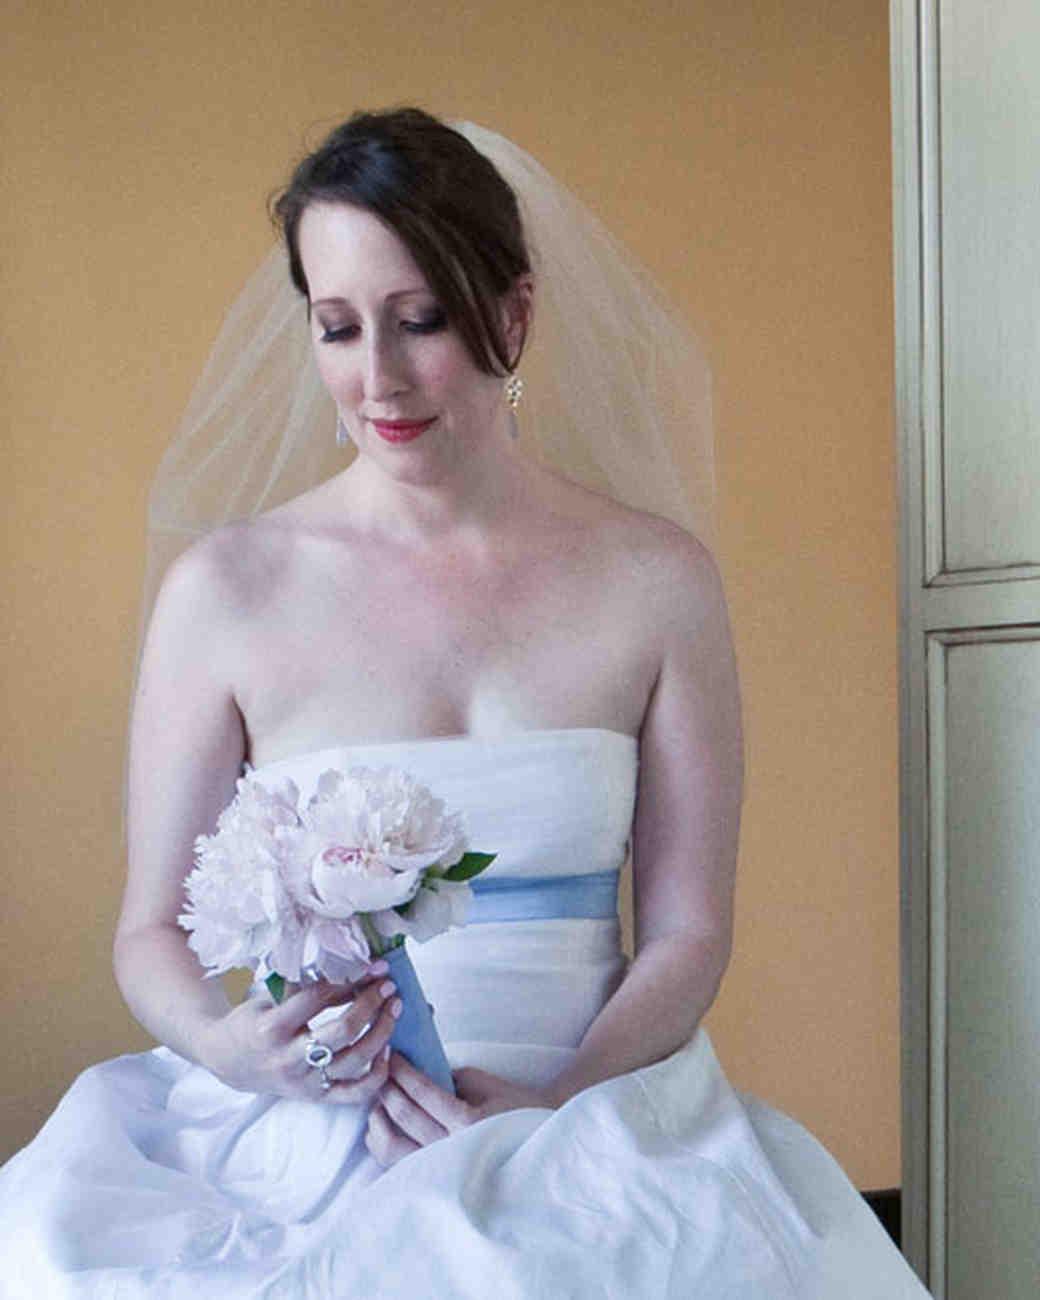 rw_1010_delaney_austin_bouquet_jf.jpg